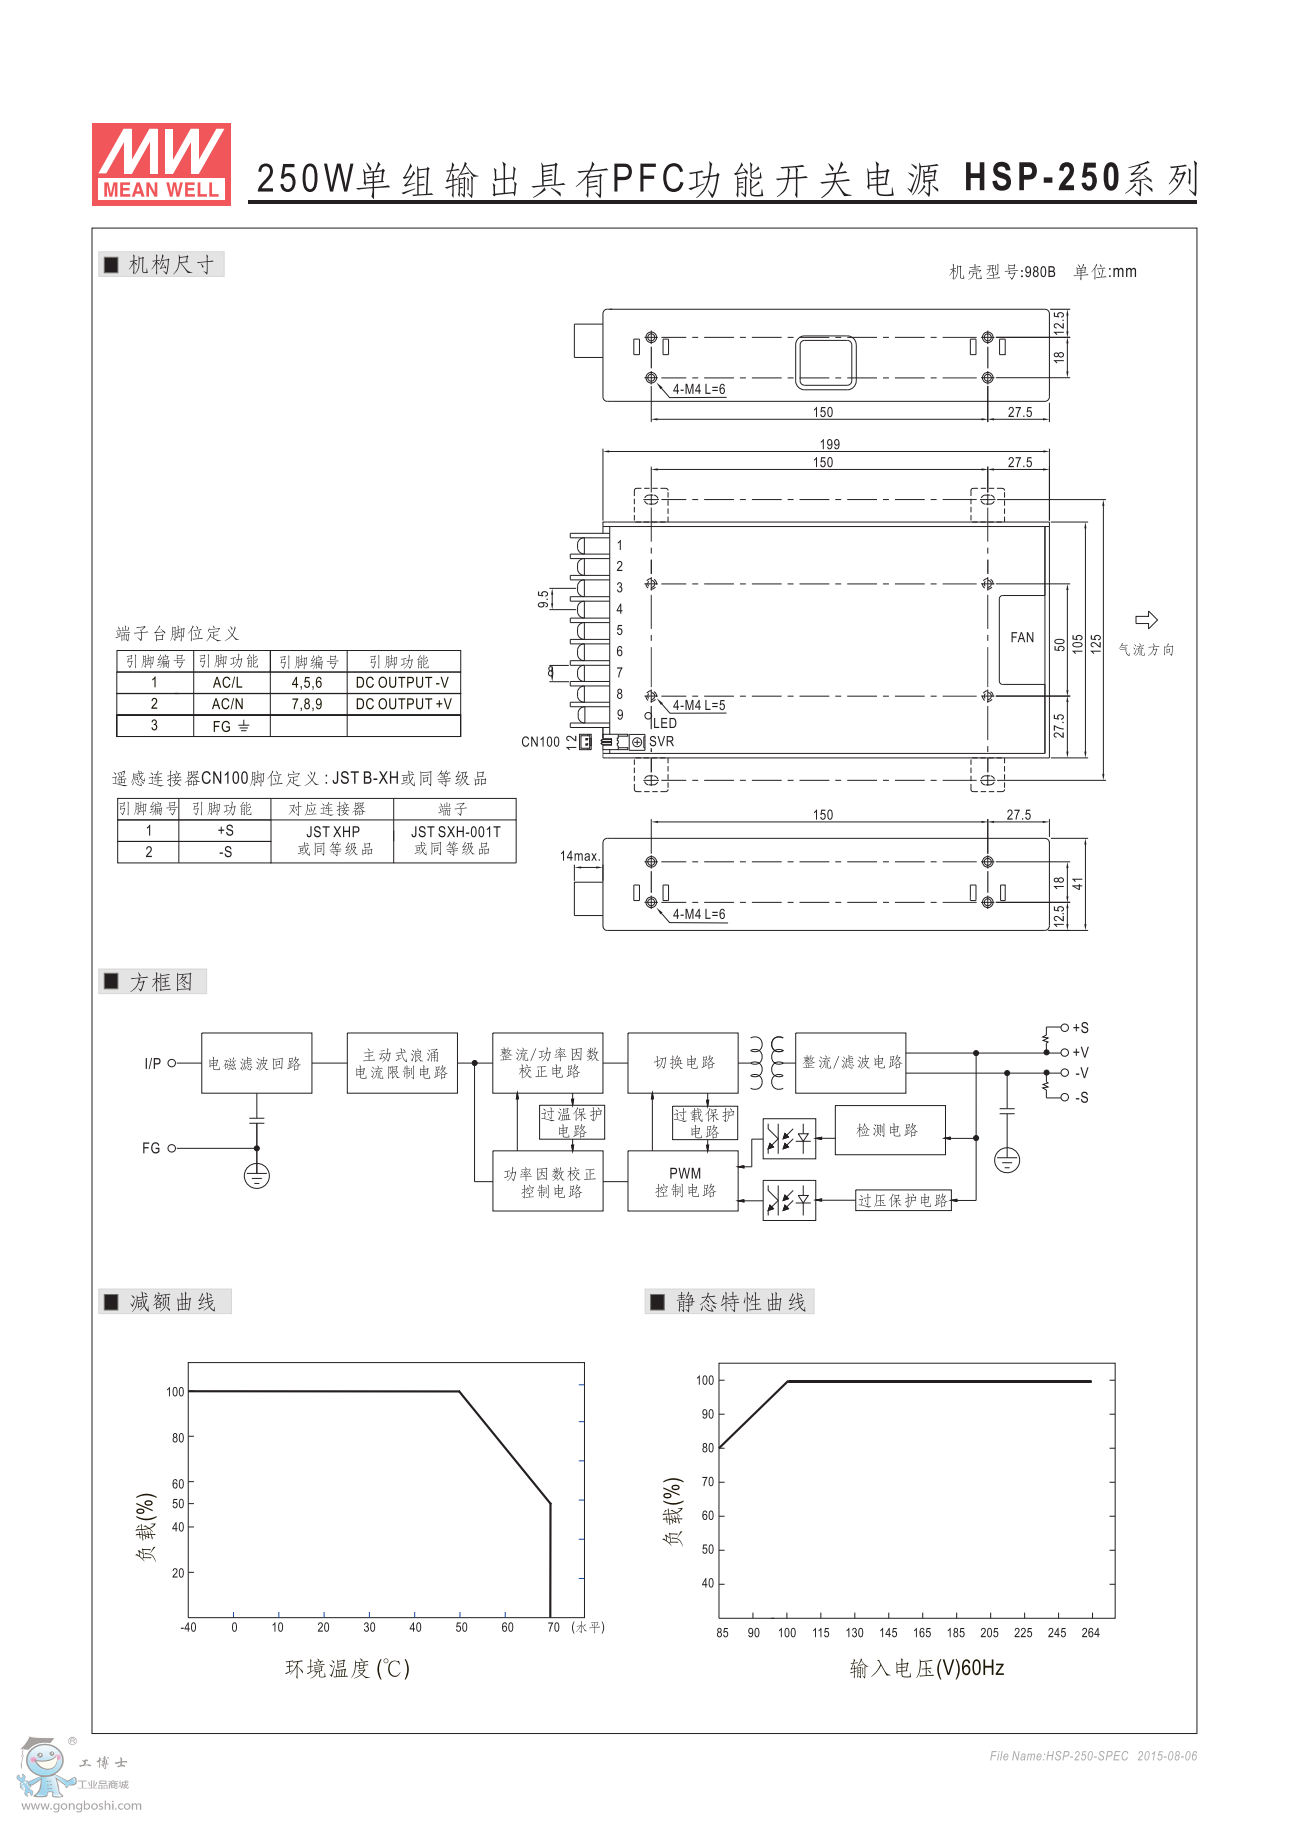 明纬电源hsp-250-5 250w单组输出有pfc开关 显示频专用